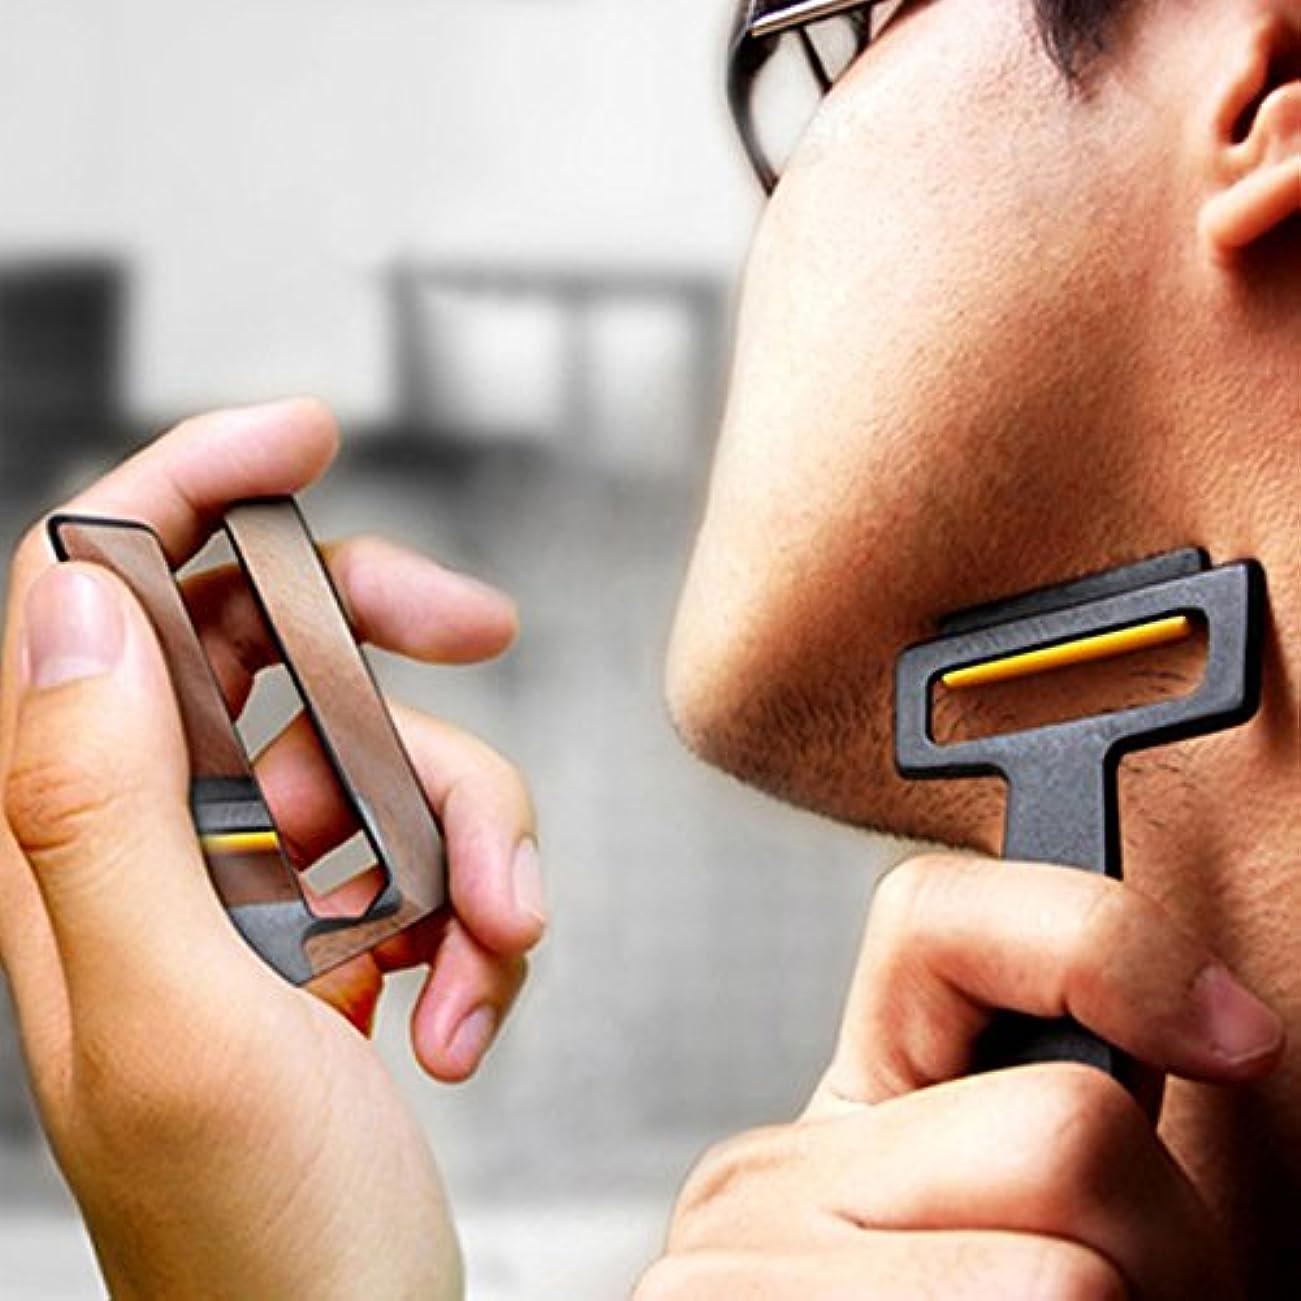 エラーオーロック支払いPogass Carzor 3 In 1 Card設計された財布ミニかみそりビードポータブルひげ剃りミラースタンドキット